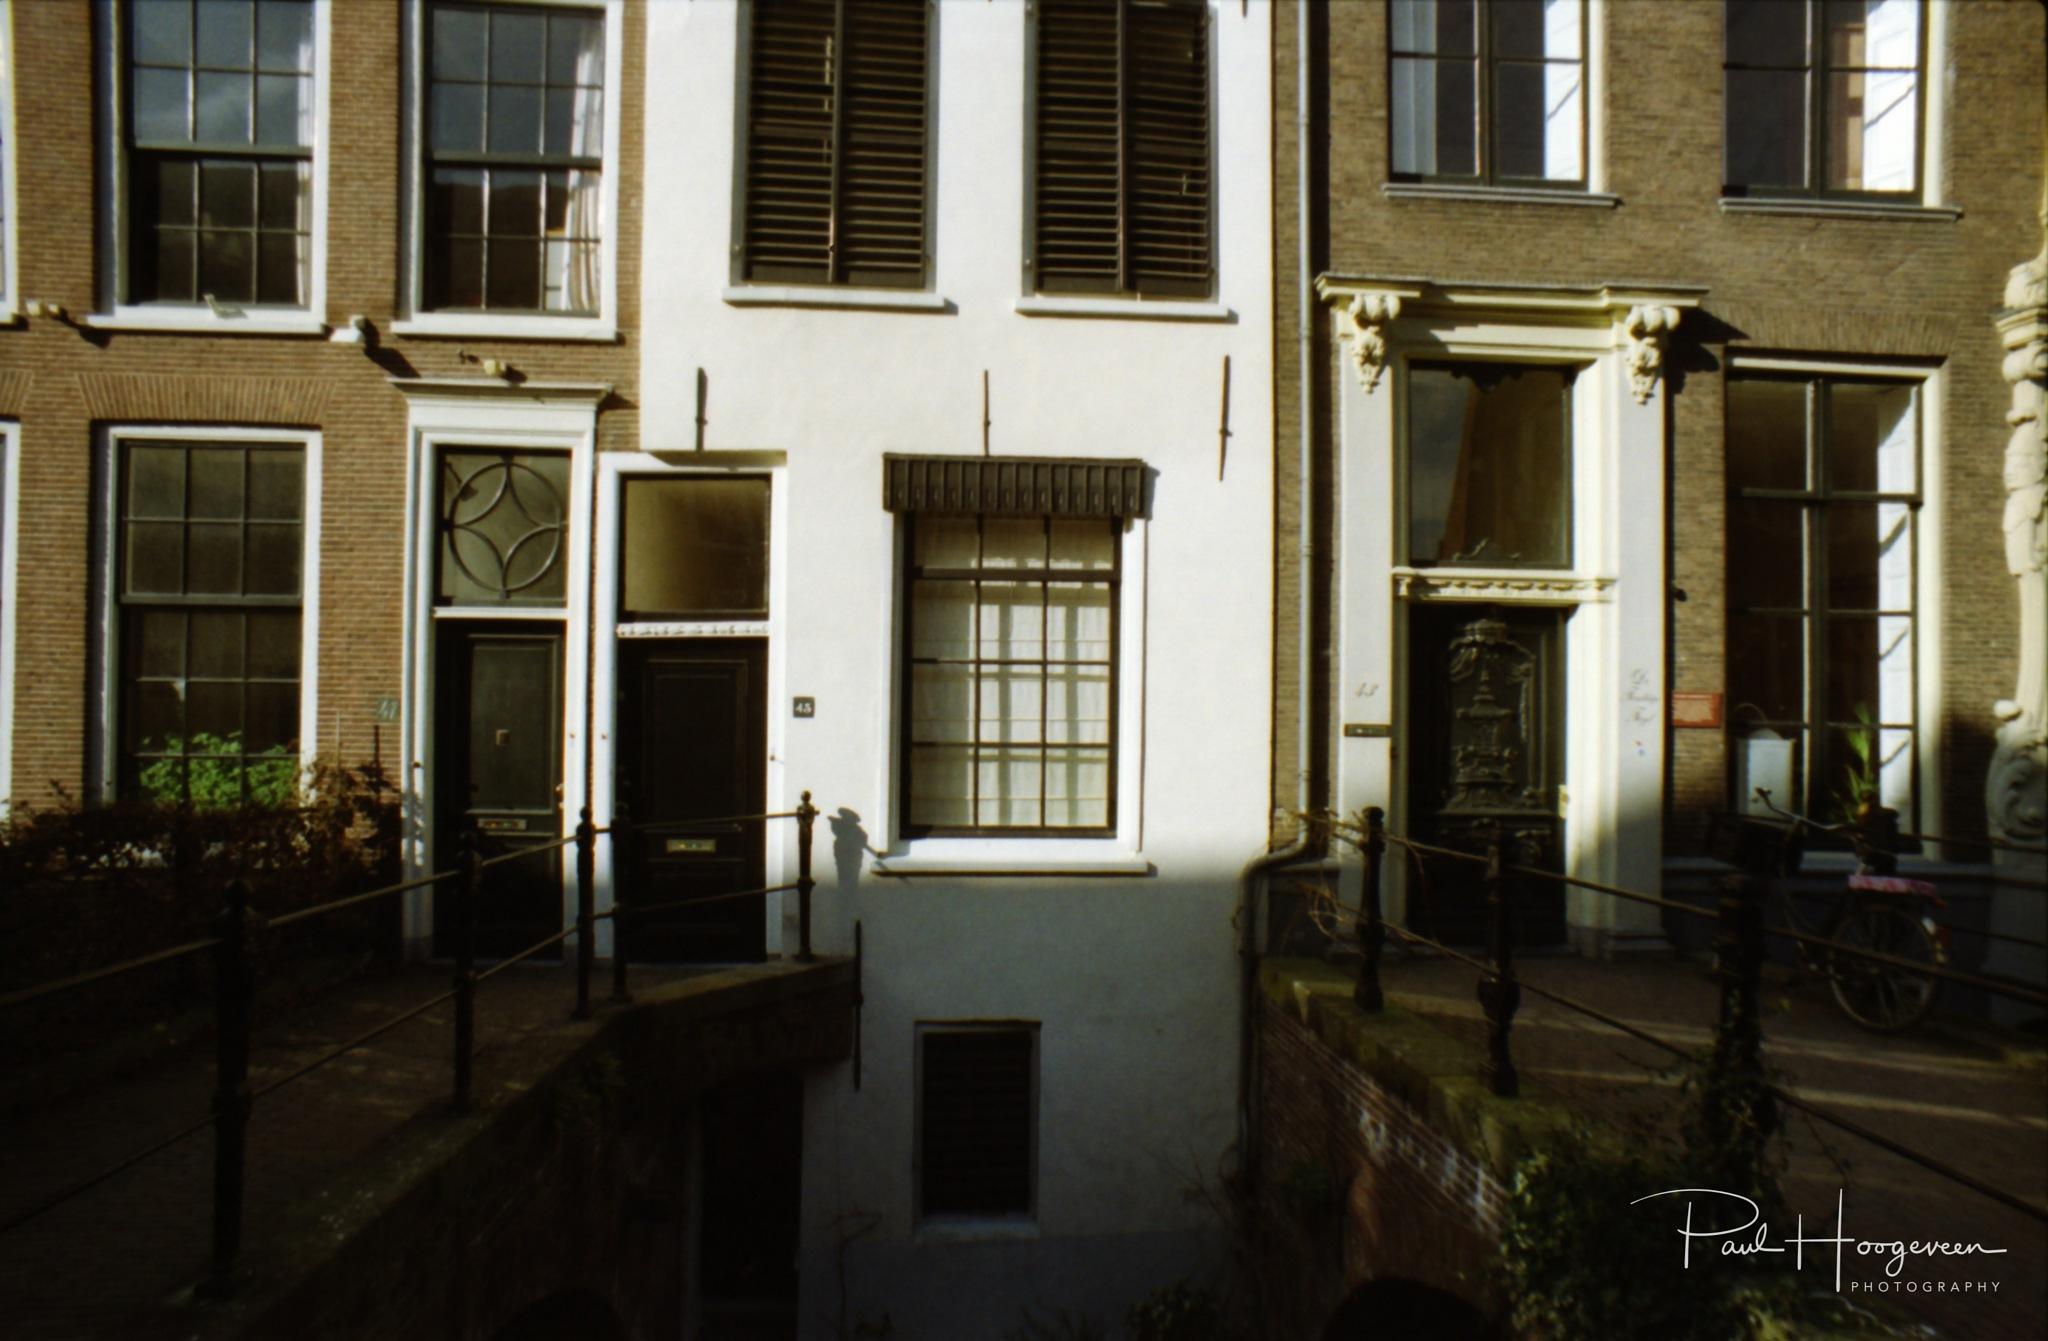 Utrecht Museumkwartier by Paul Hoogeveen Photography